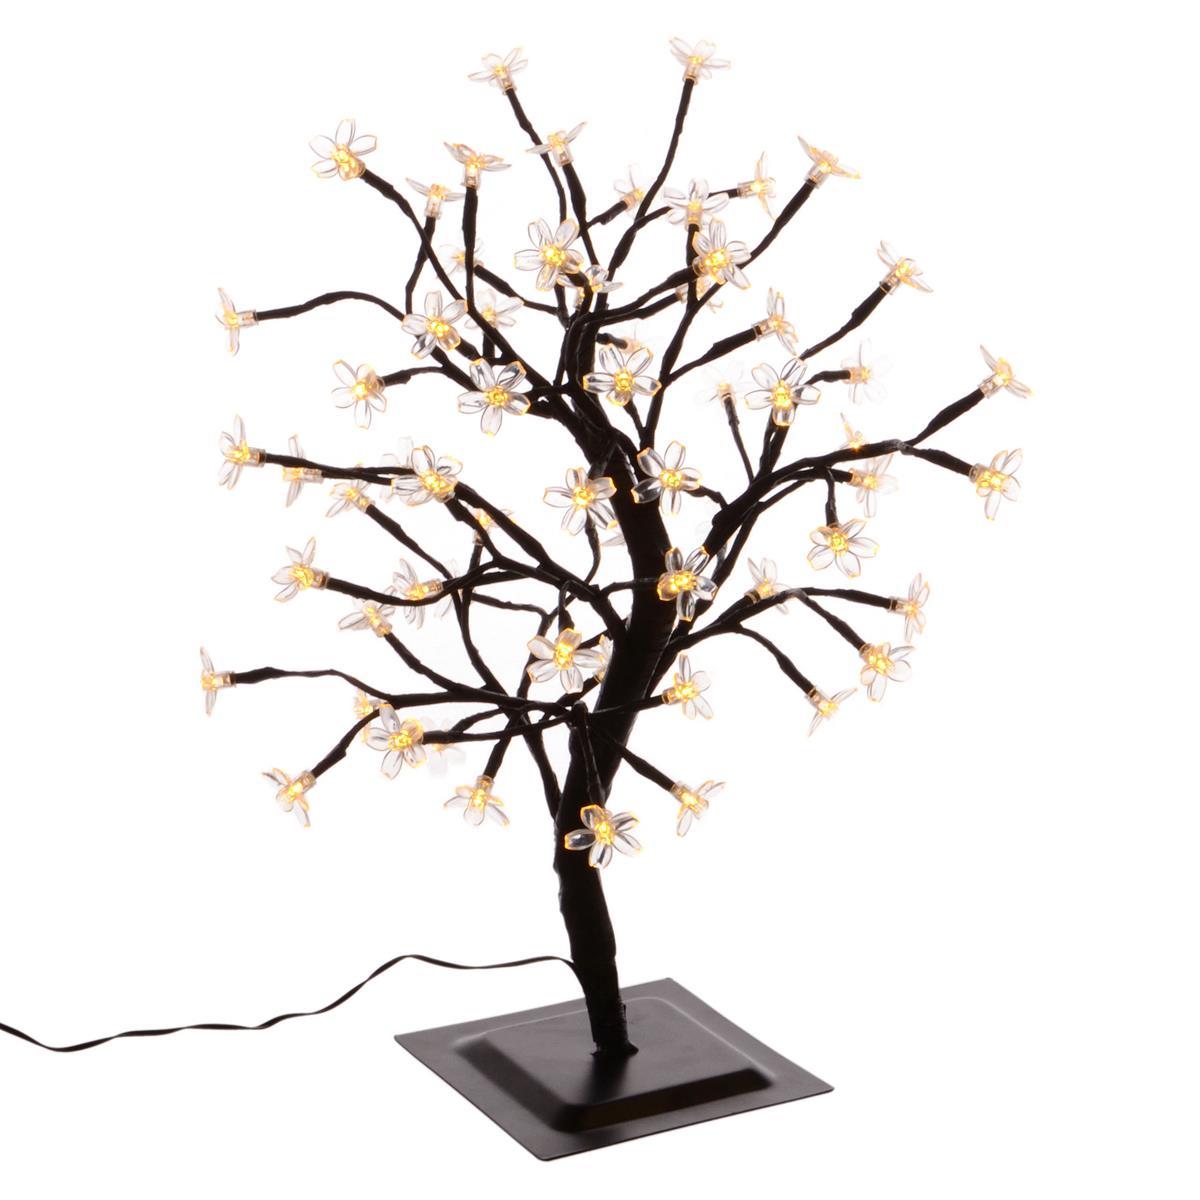 64 LED Lichterzweig Blütenbaum warm weiß 45 cm Trafo Timer Lichterkette Xmas